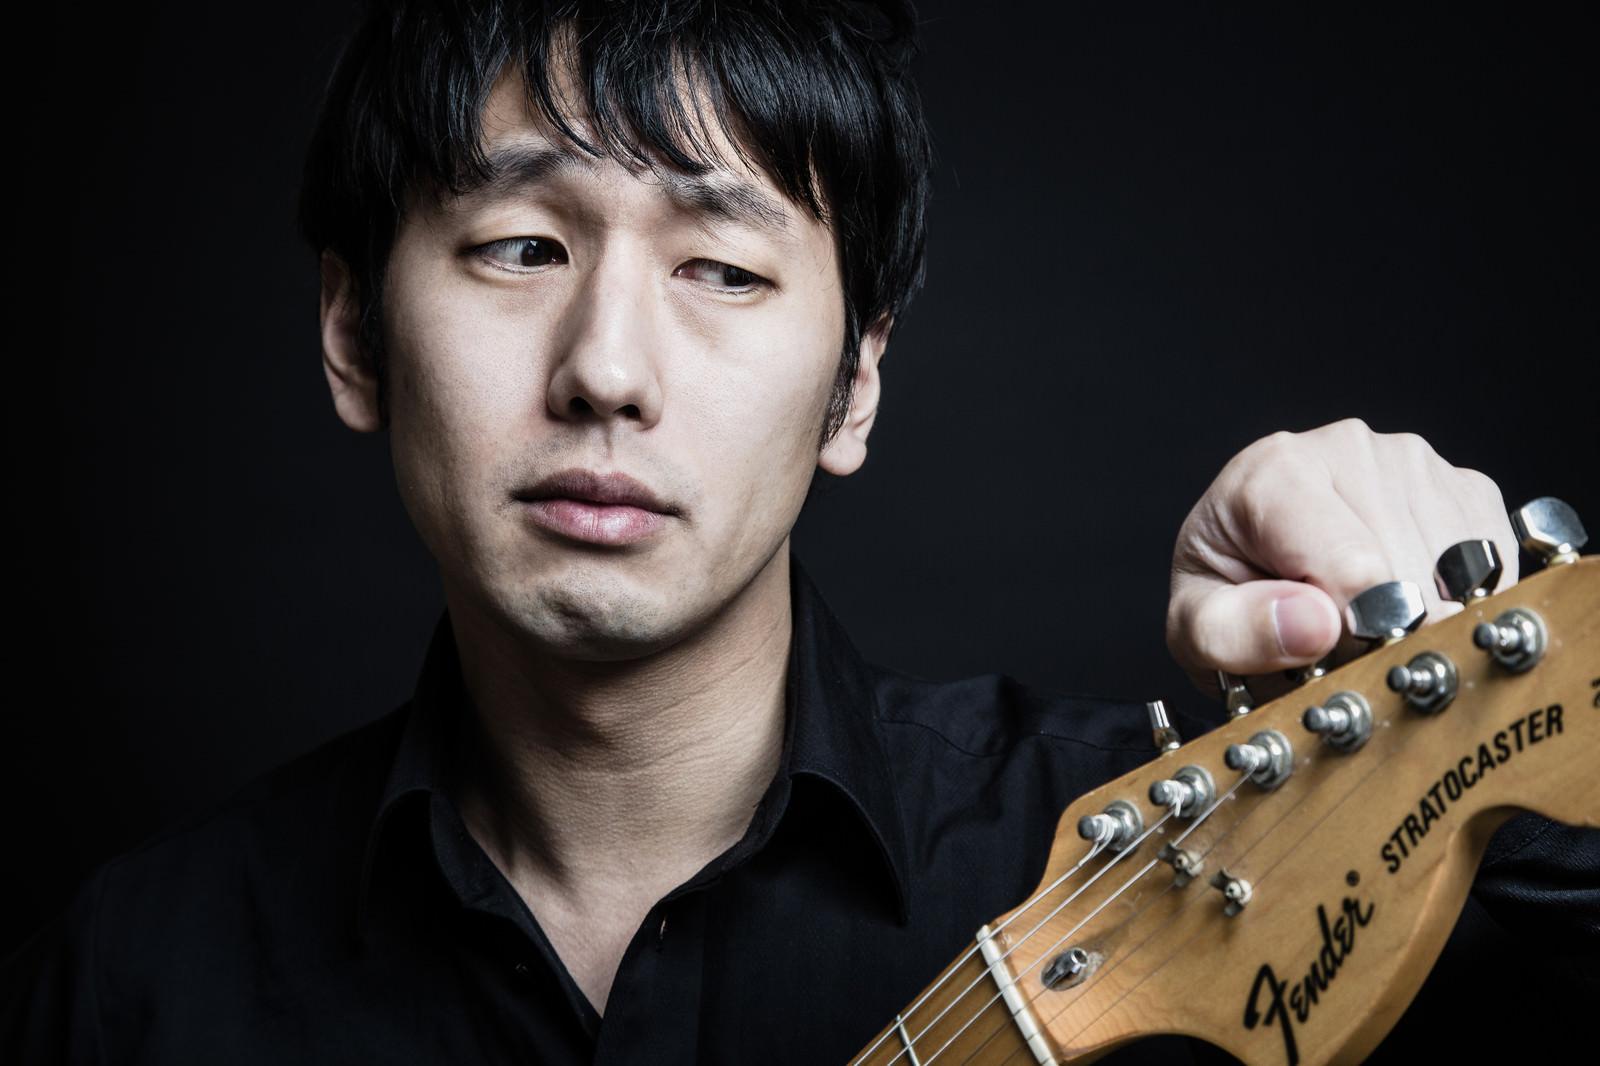 「チューニングをするギタリストチューニングをするギタリスト」[モデル:大川竜弥]のフリー写真素材を拡大